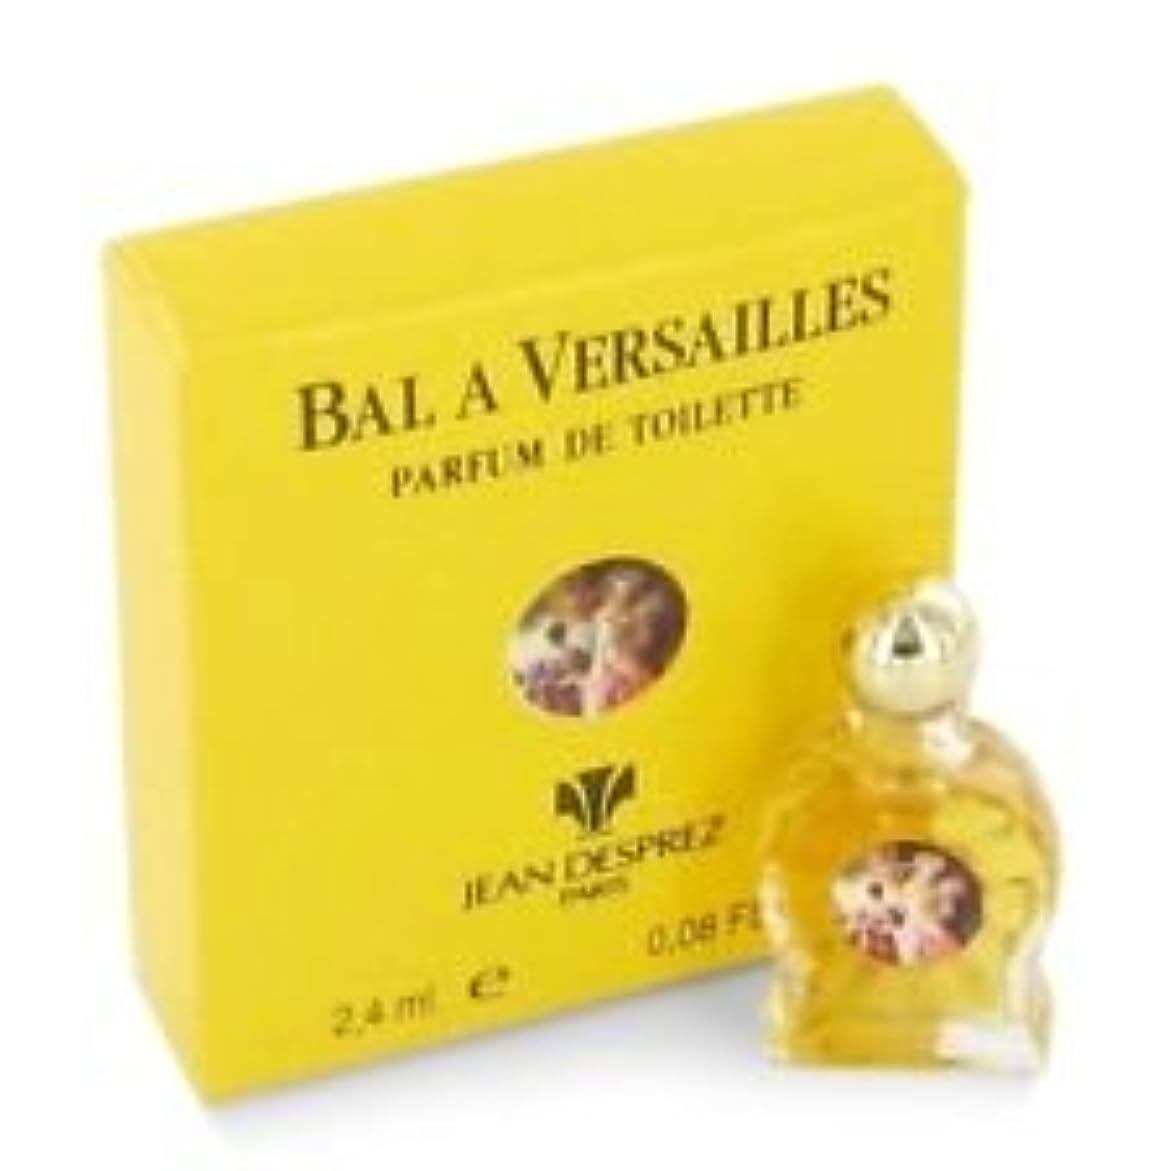 卵ゲートウェイショッキングBal A Versailles (バラ ベルサイユ) ミニチュア by Jean Desprez for Women